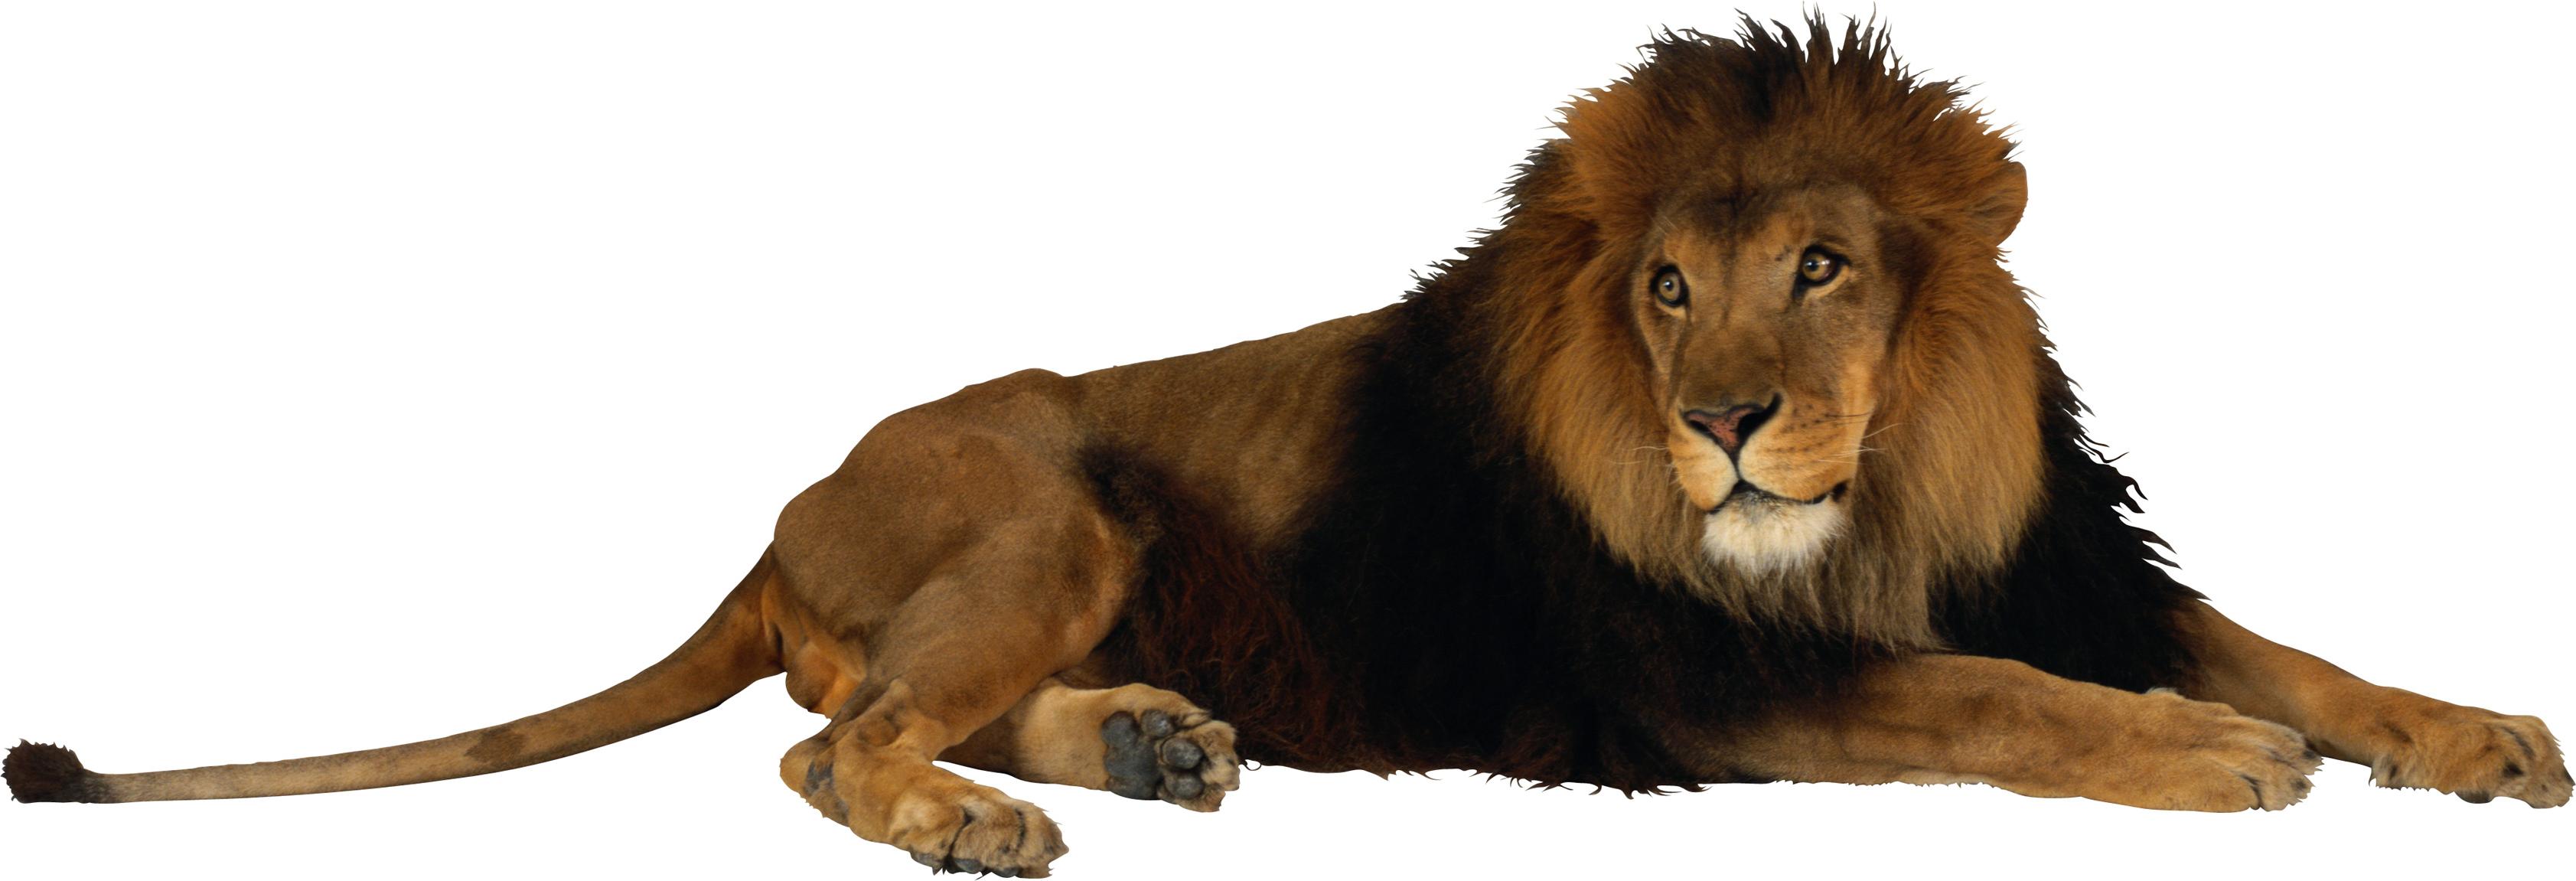 Free Lion PNG HD  - 128252